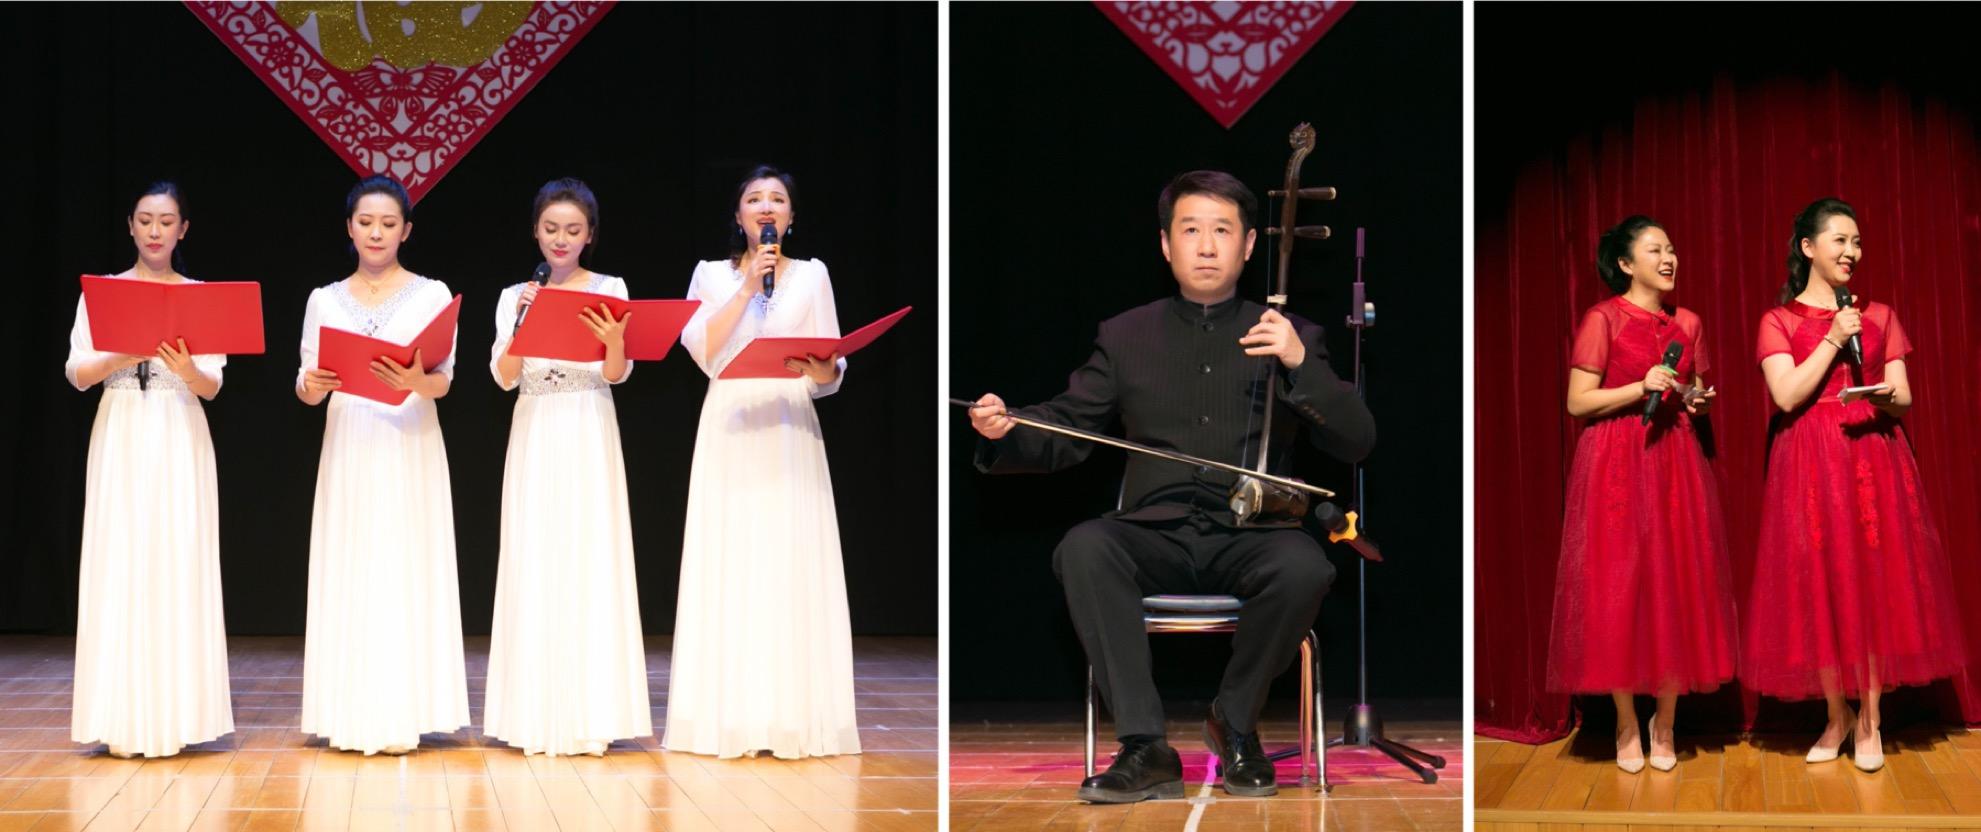 Junior School Parent Performance